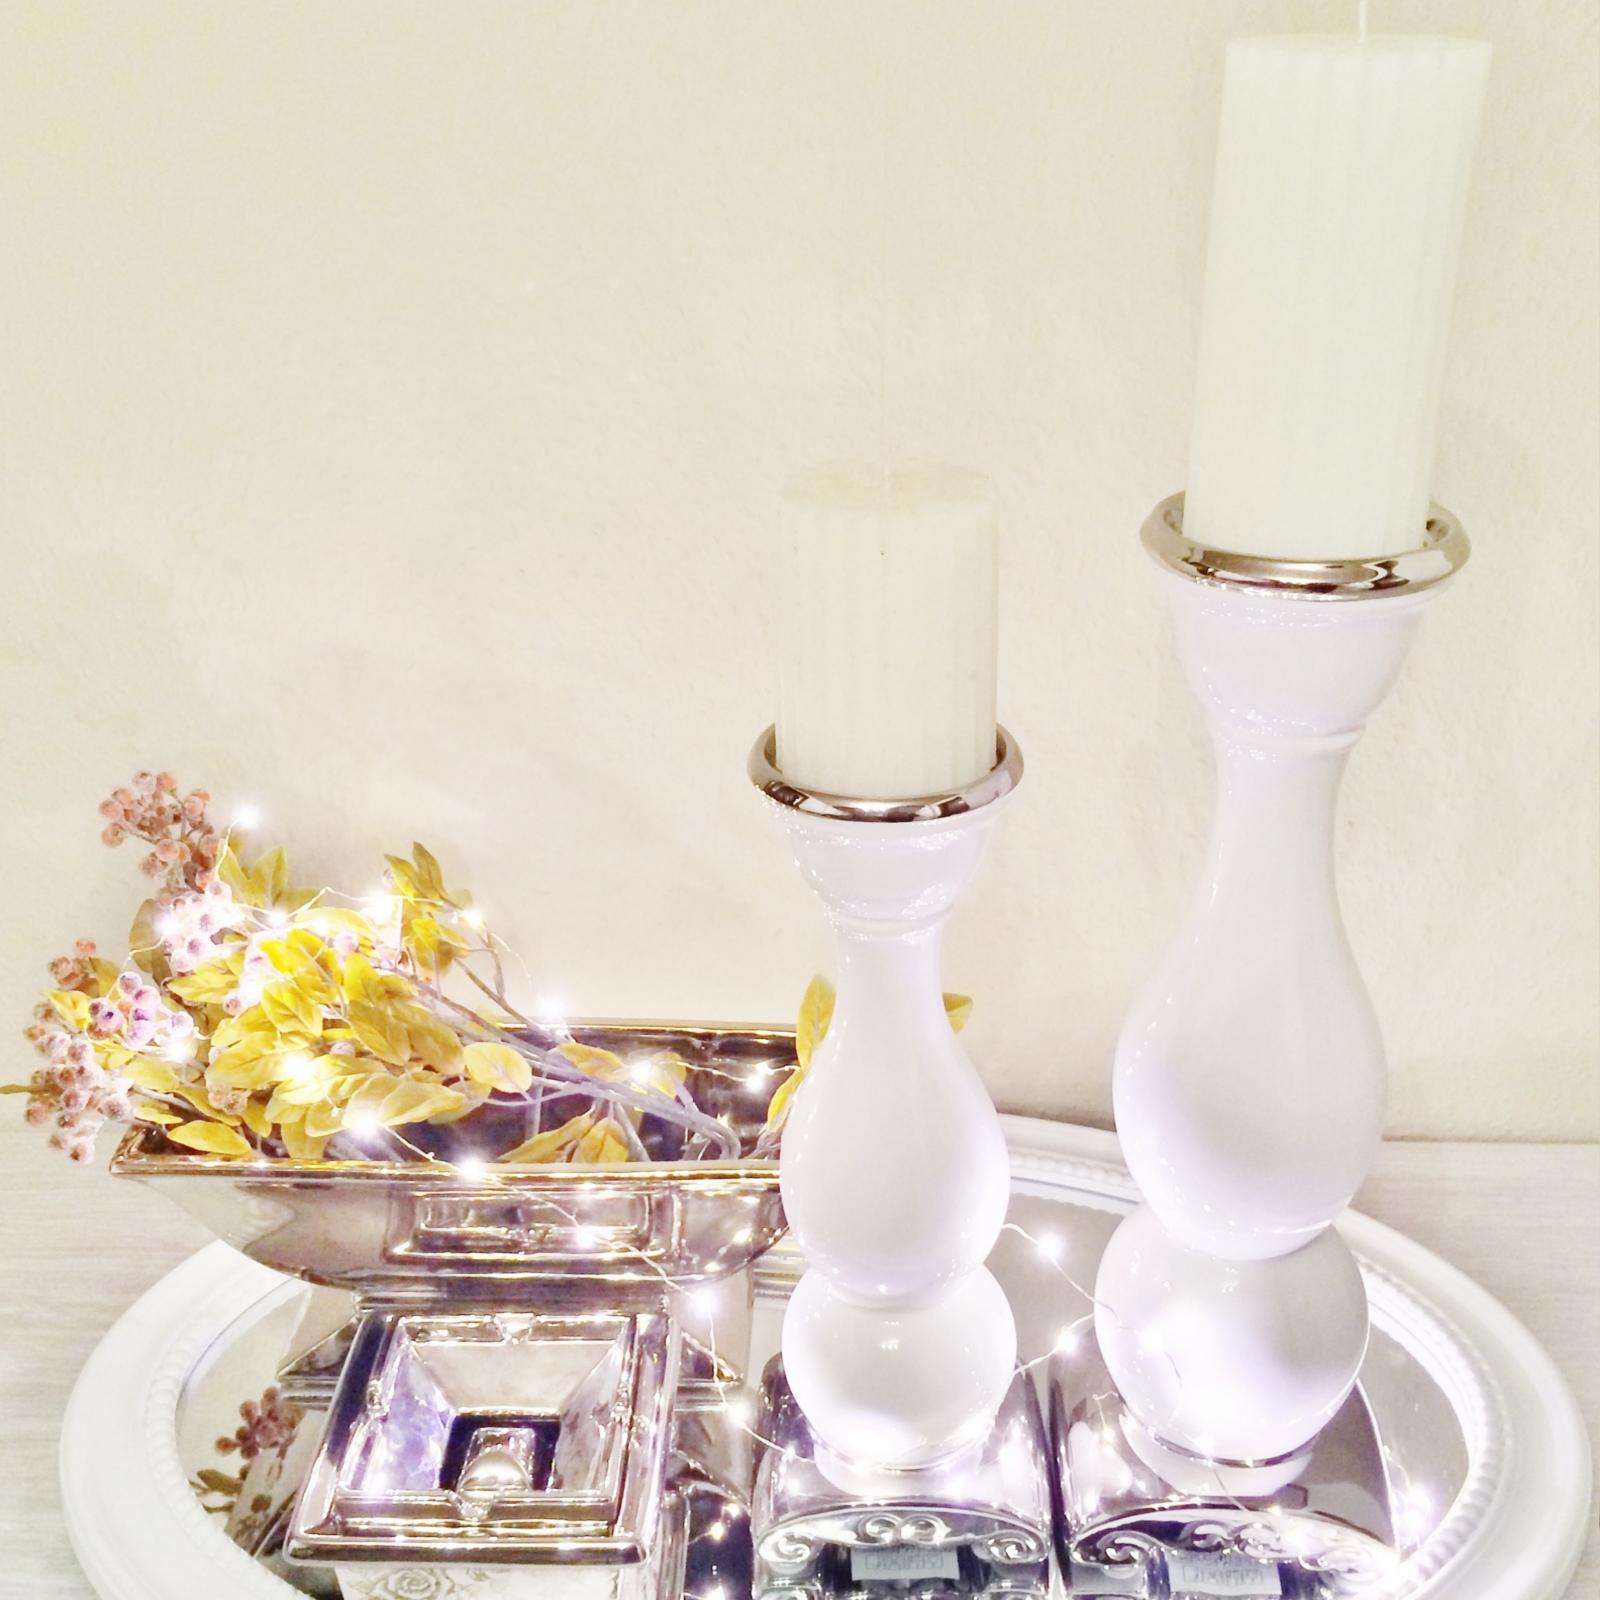 Wei Silber Kerzenleuchter Kerzenst Nder Kerze Deko